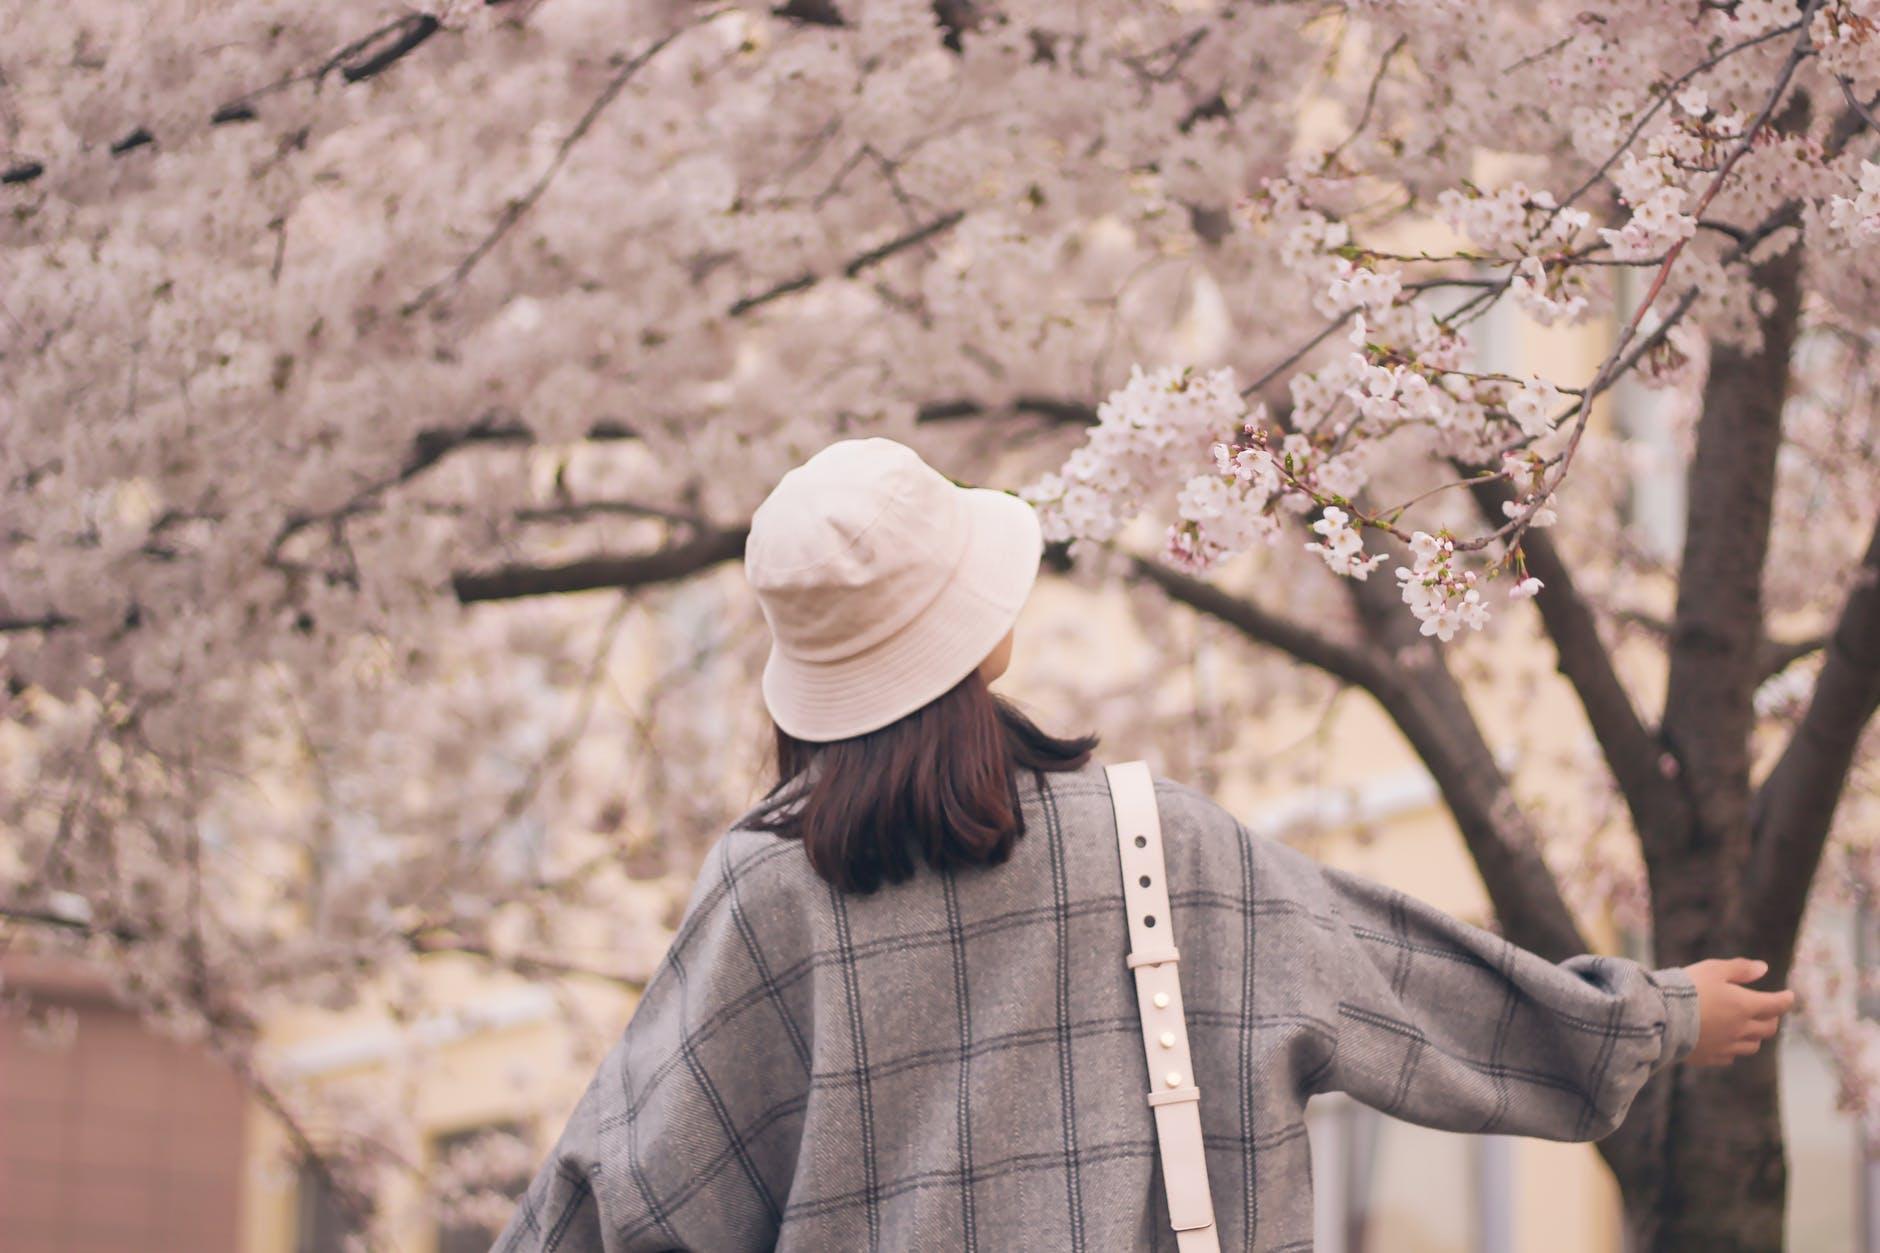 žena_jar_rozviknute_stromy